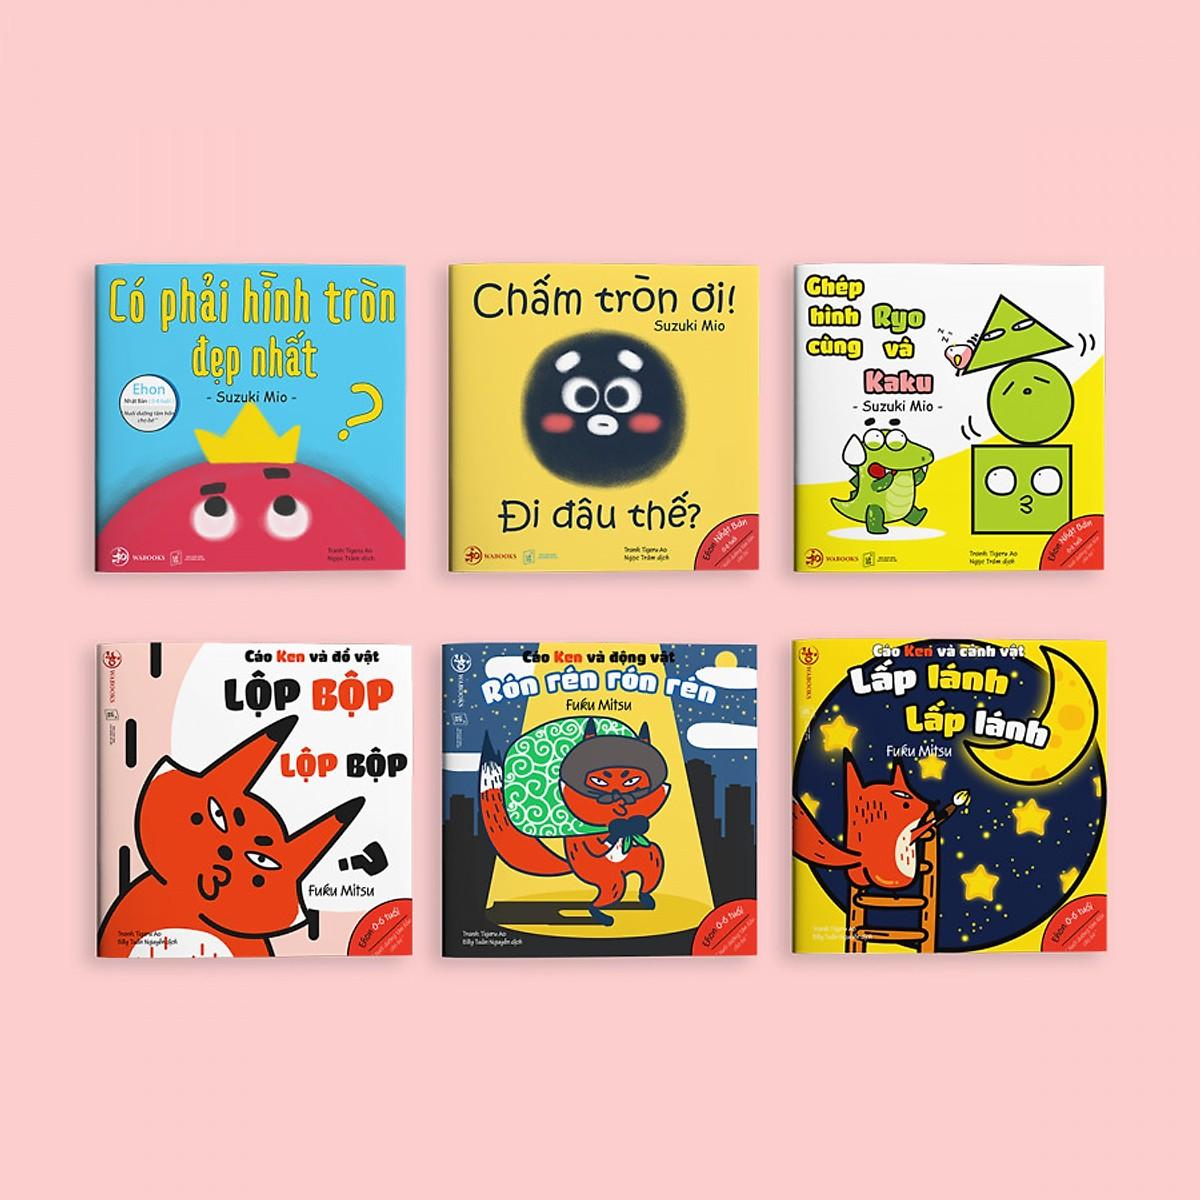 Combo 2 bộ Ehon Hình khối và Âm thanh - Cho bé 0-6 tuổi thông minh và sáng tạo / Tặng cuốn Những Câu Chuyện Kinh Điển